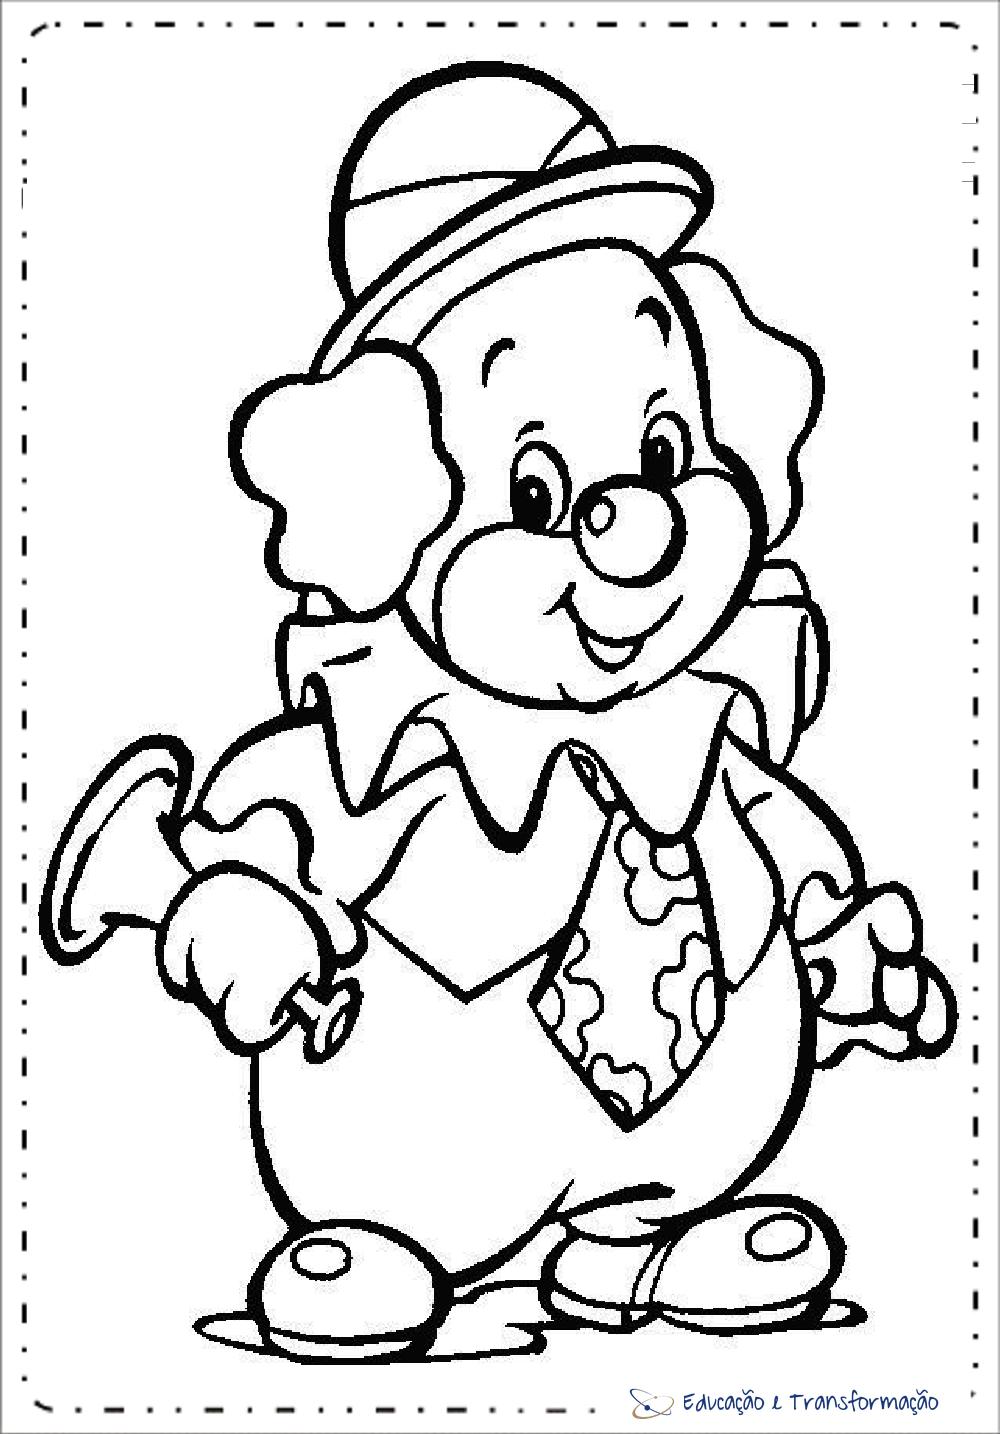 Atividades Dia do Circo para Educação Infantil - Desenhos de Palhaços para colorir